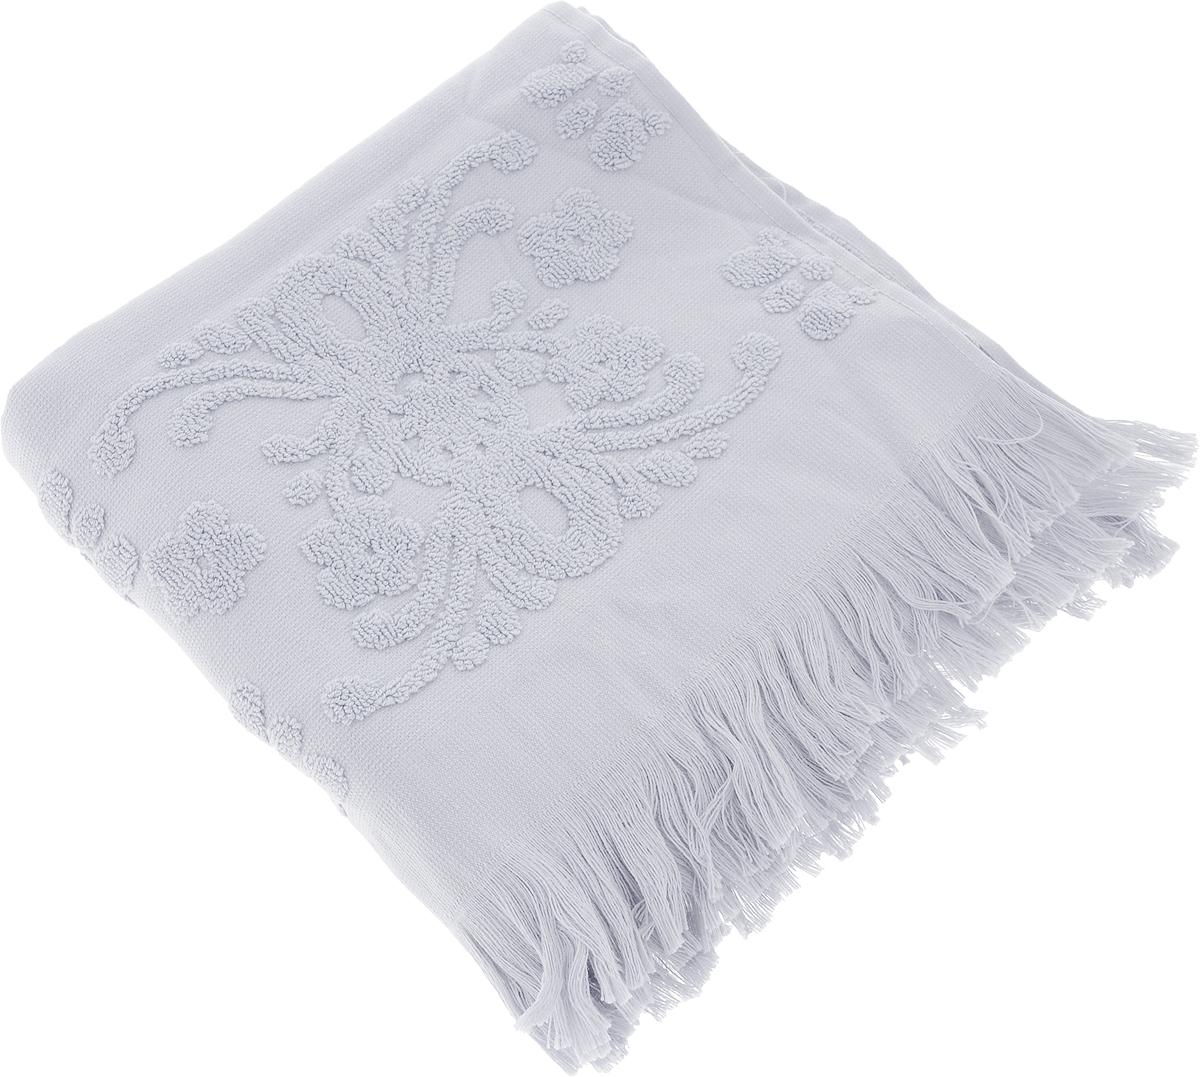 Полотенце Arya Isabel Soft, цвет: серый, 50 x 90 смTR1002487_СерыйПолотенце Arya Isabel Soft выполнено из 100% хлопка. Изделие отлично впитывает влагу, быстро сохнет, сохраняет яркость цвета и не теряет форму даже после многократных стирок. Такое полотенце очень практично и неприхотливо в уходе. Оно создаст прекрасное настроение и украсит интерьер в ванной комнате.